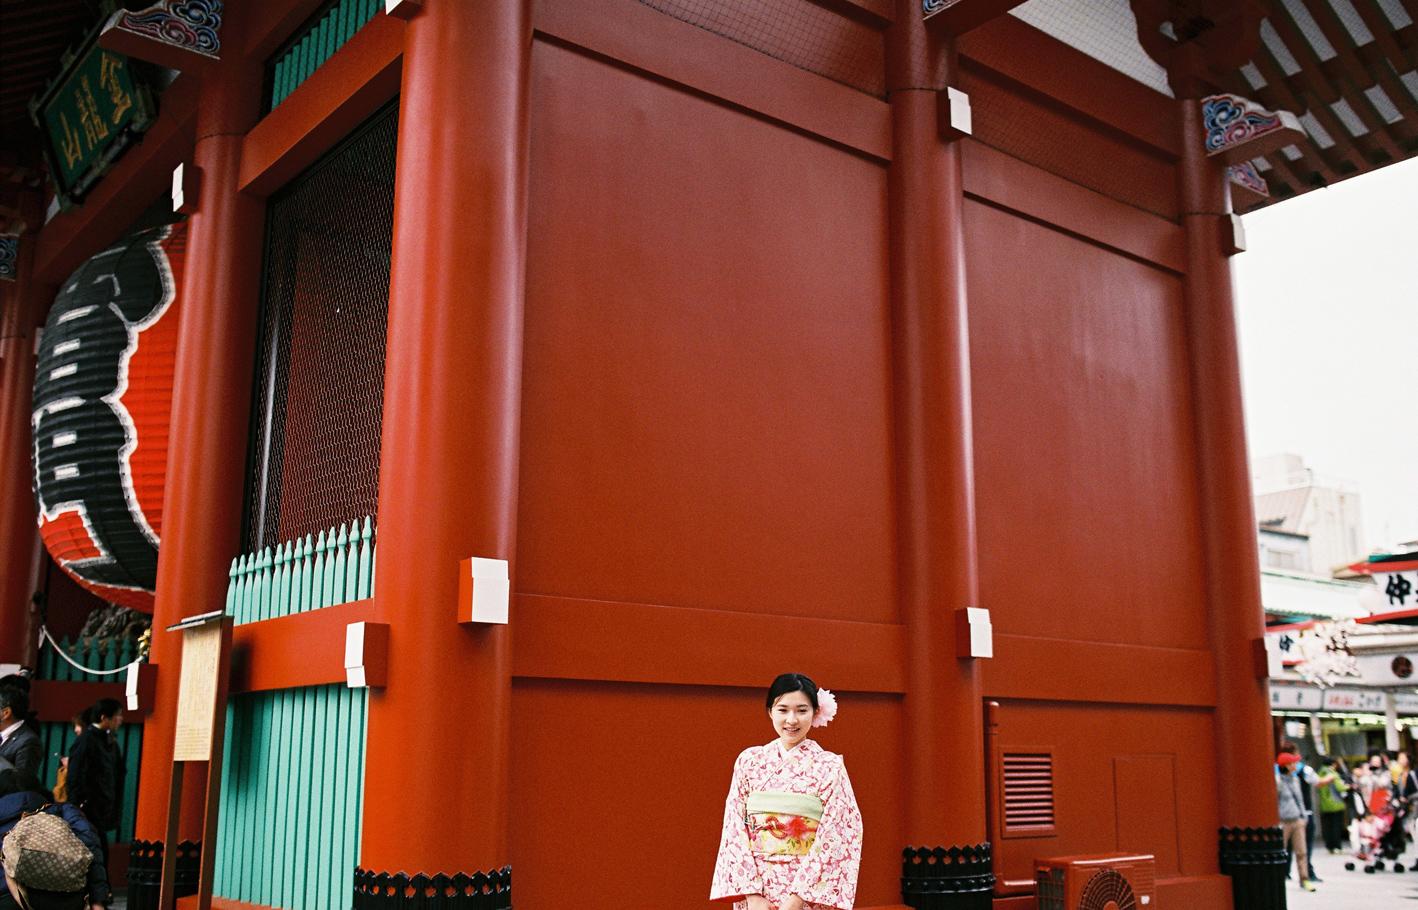 053-tokyo-japan-sophie-baker-photography